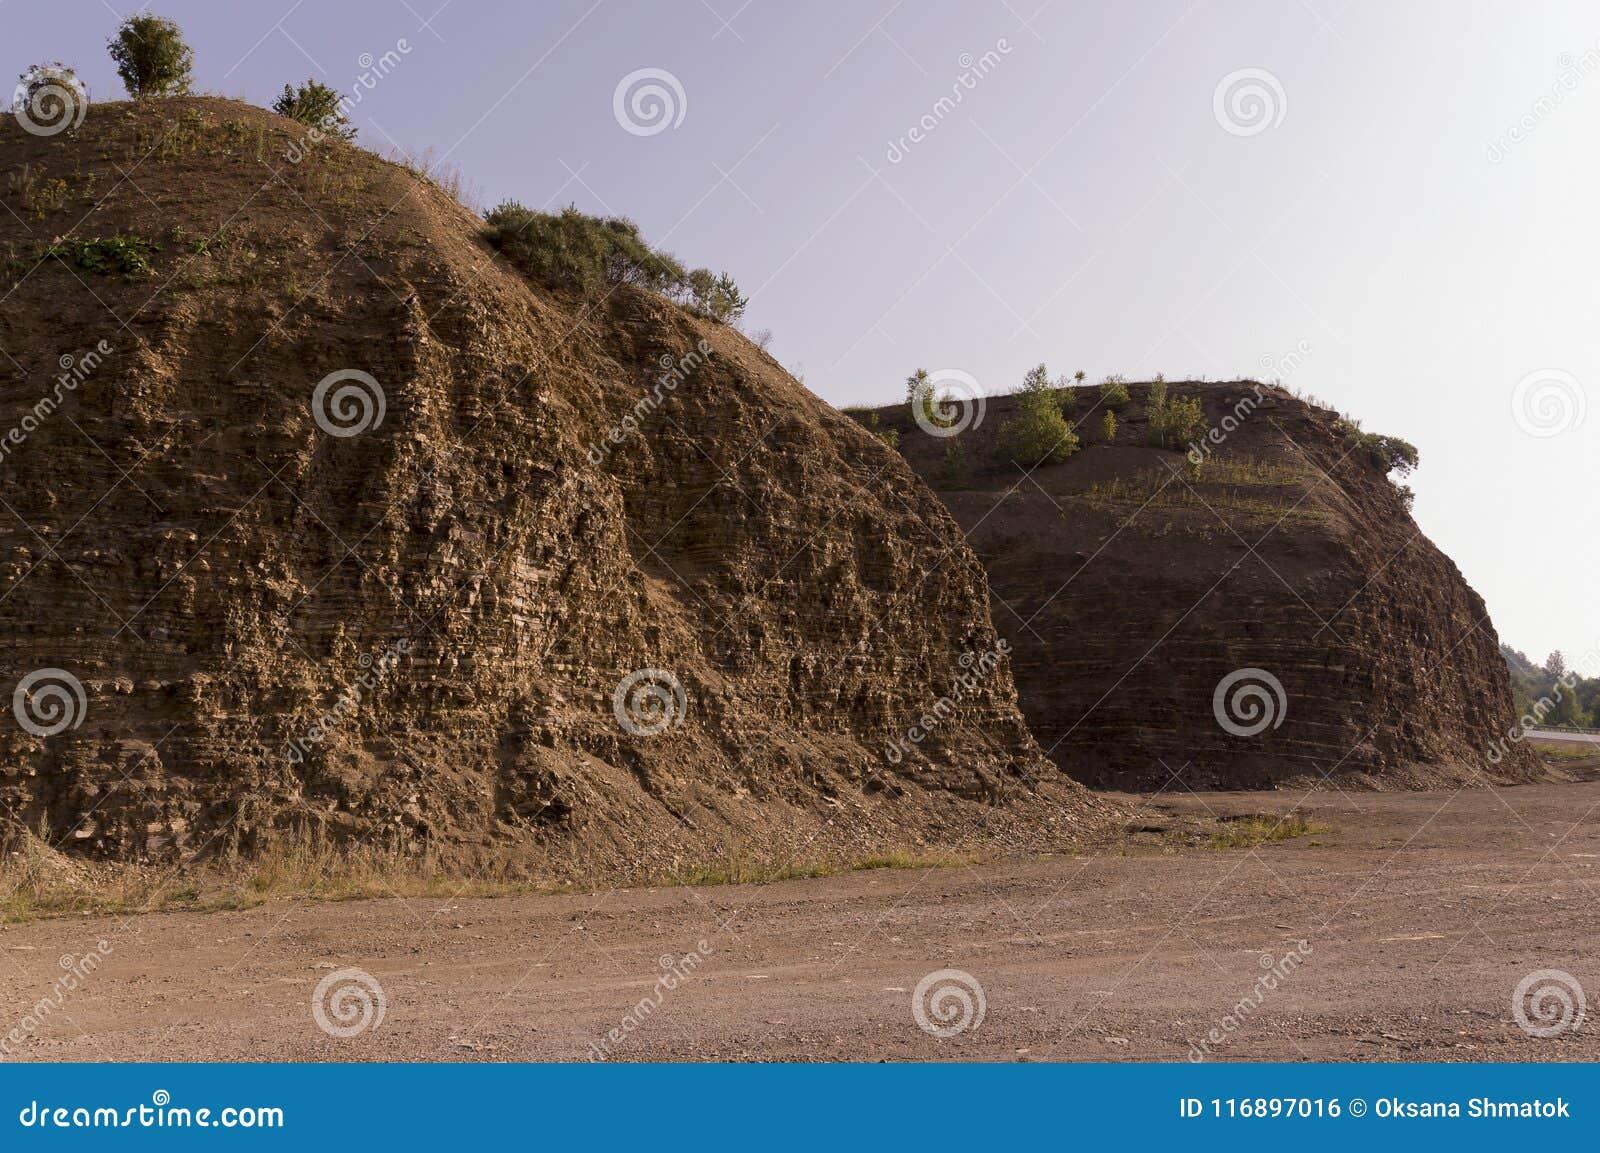 沙子山 乌拉尔风景 browne 沙漠喜欢